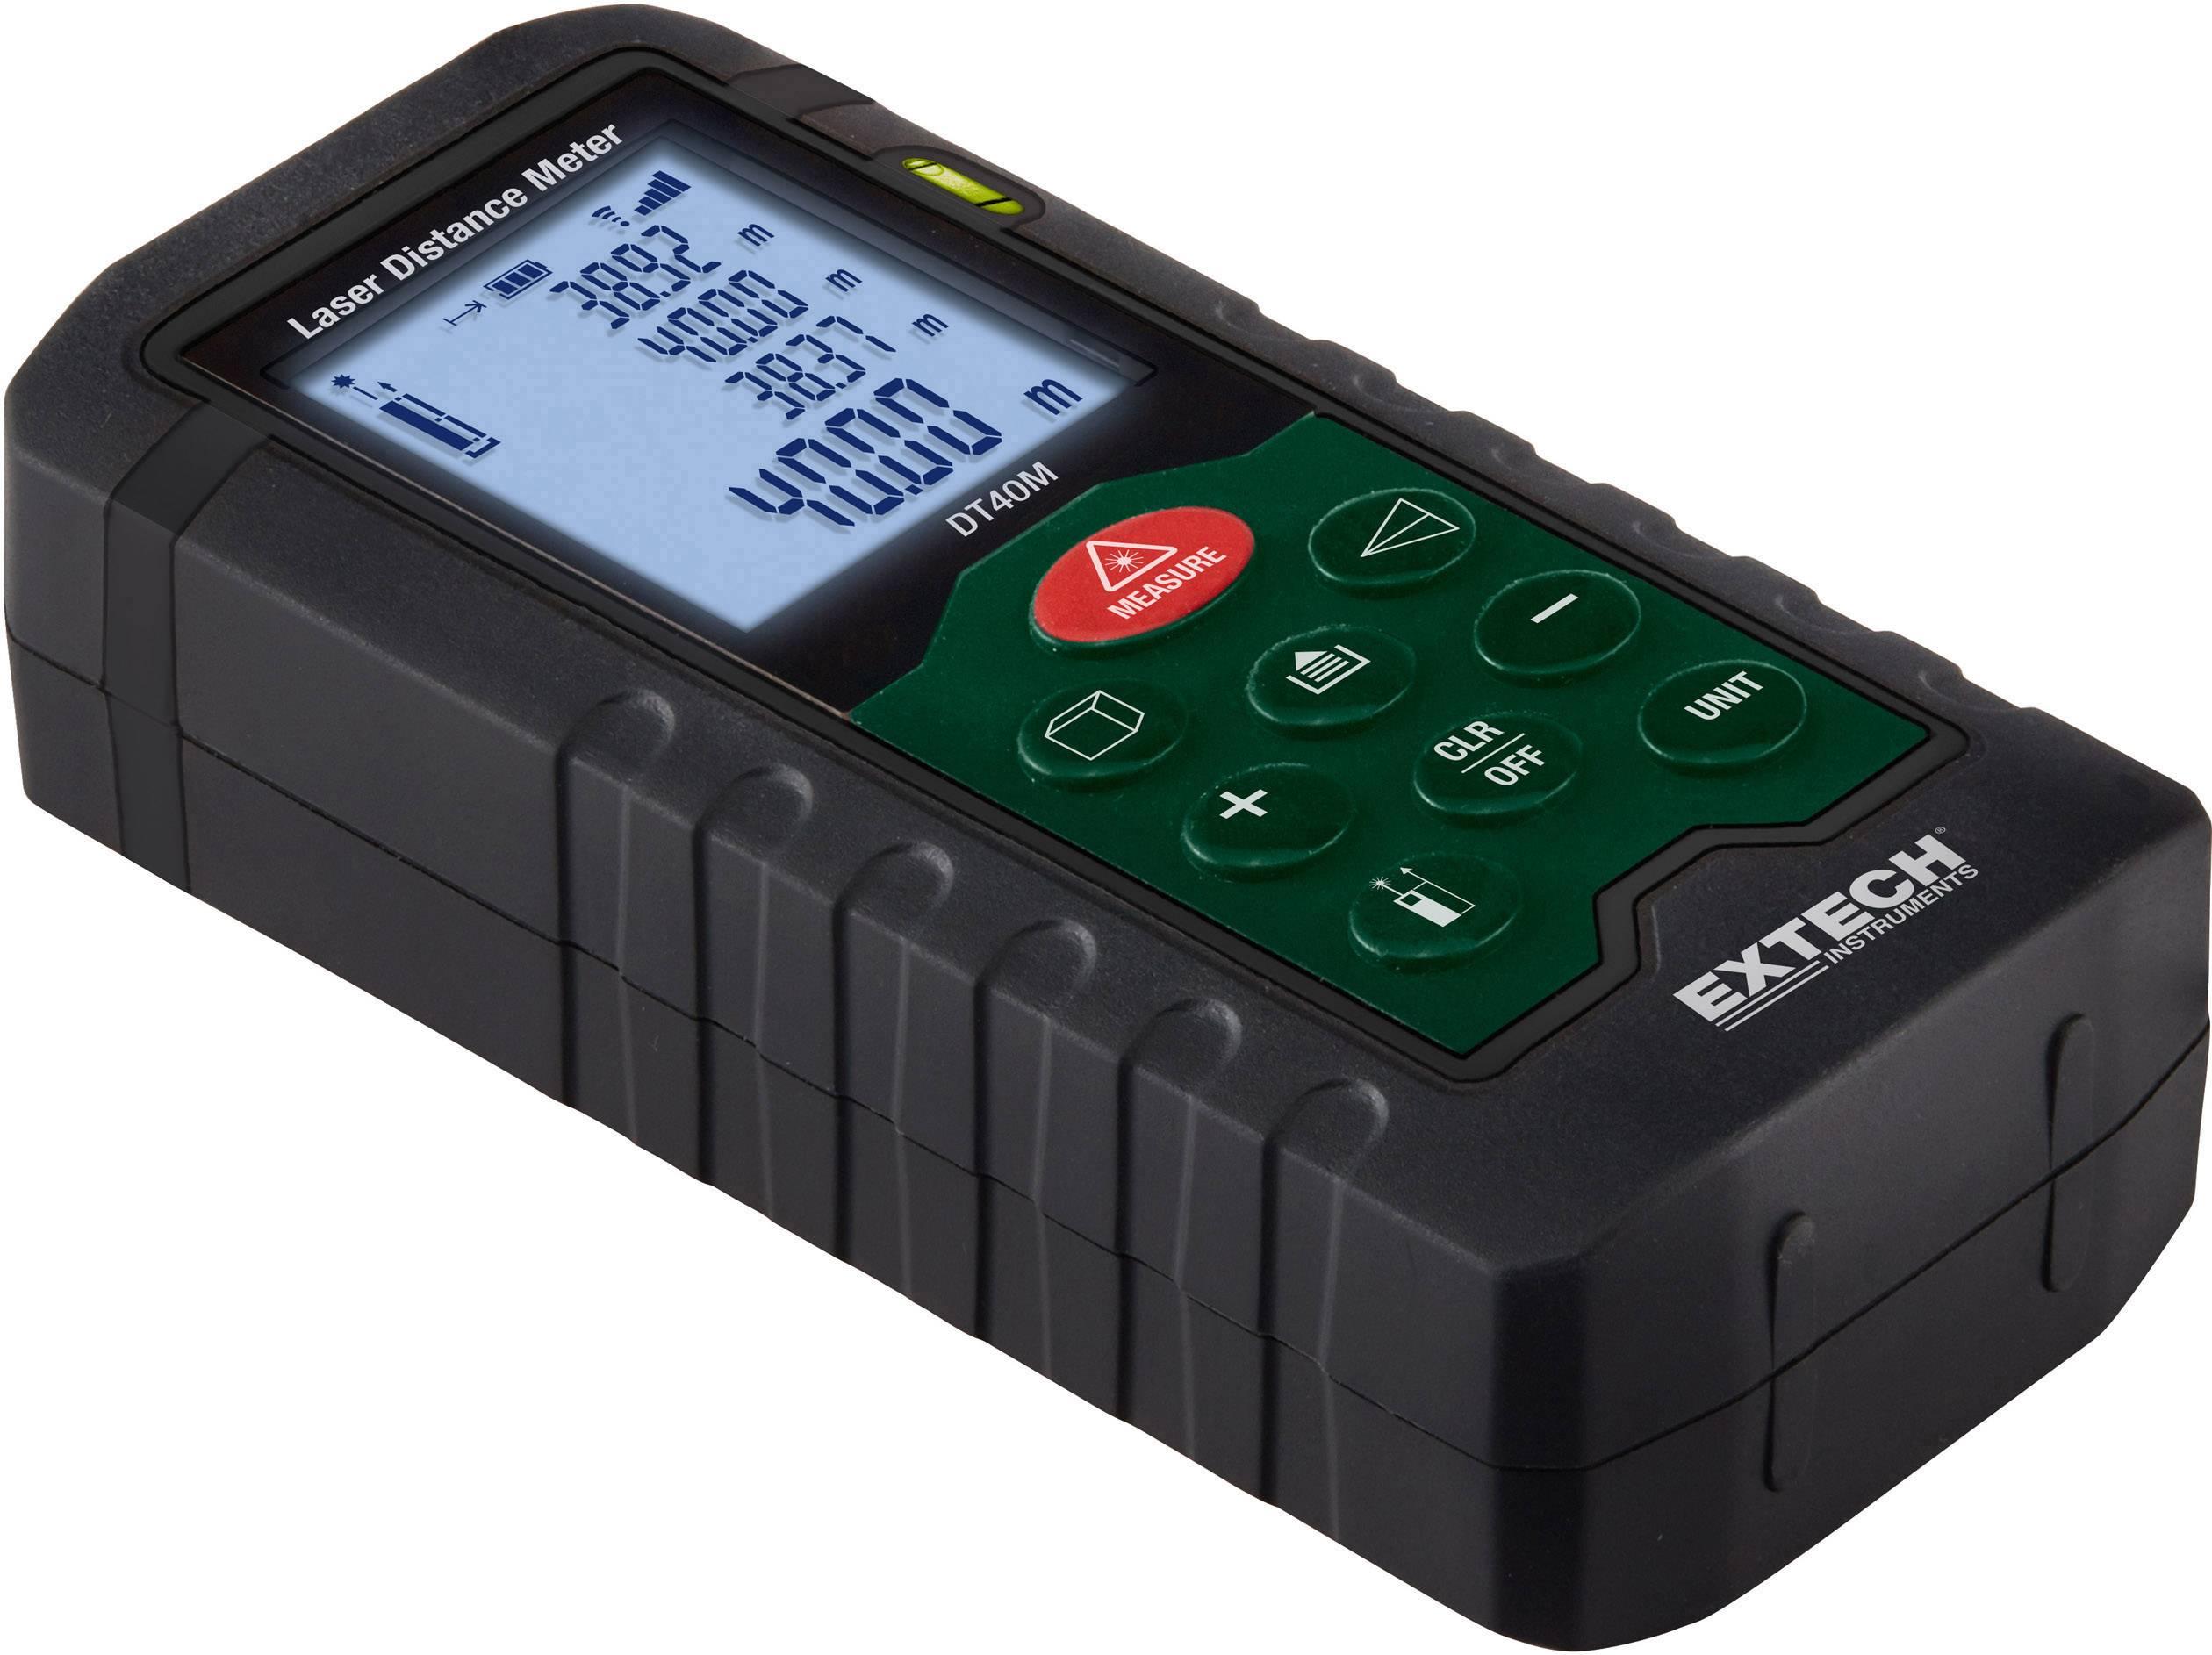 Bosch Entfernungsmesser Vergleich : Extech dt m laser entfernungsmesser messbereich max